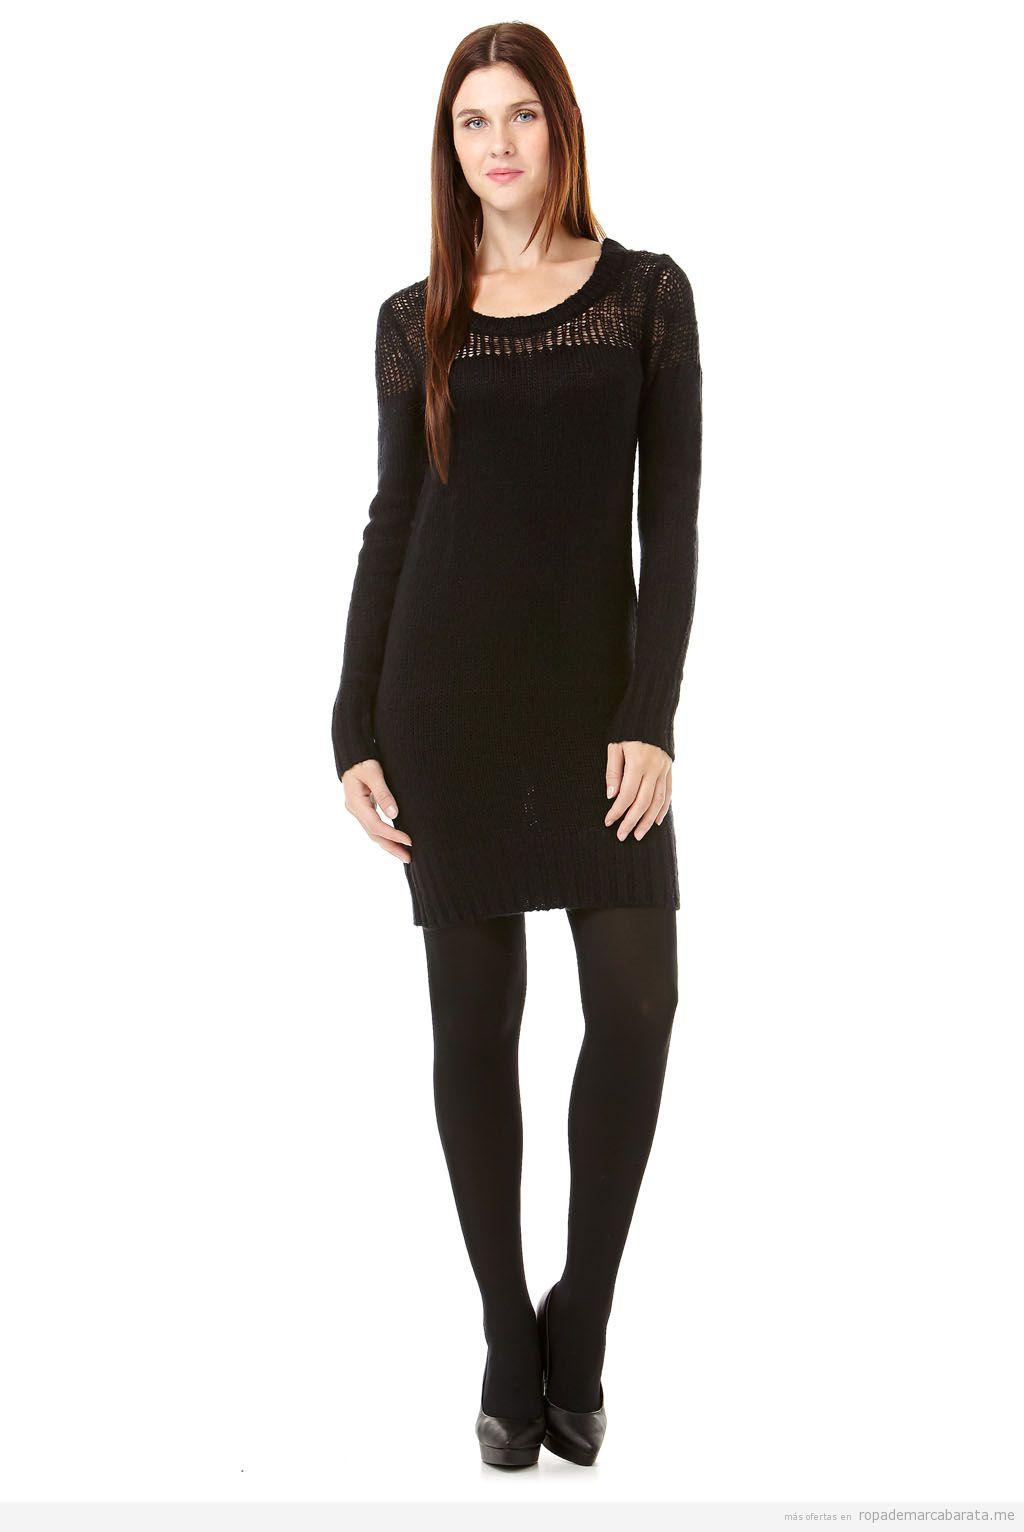 Vestido de punto marca Folia barato, comprar outlet online